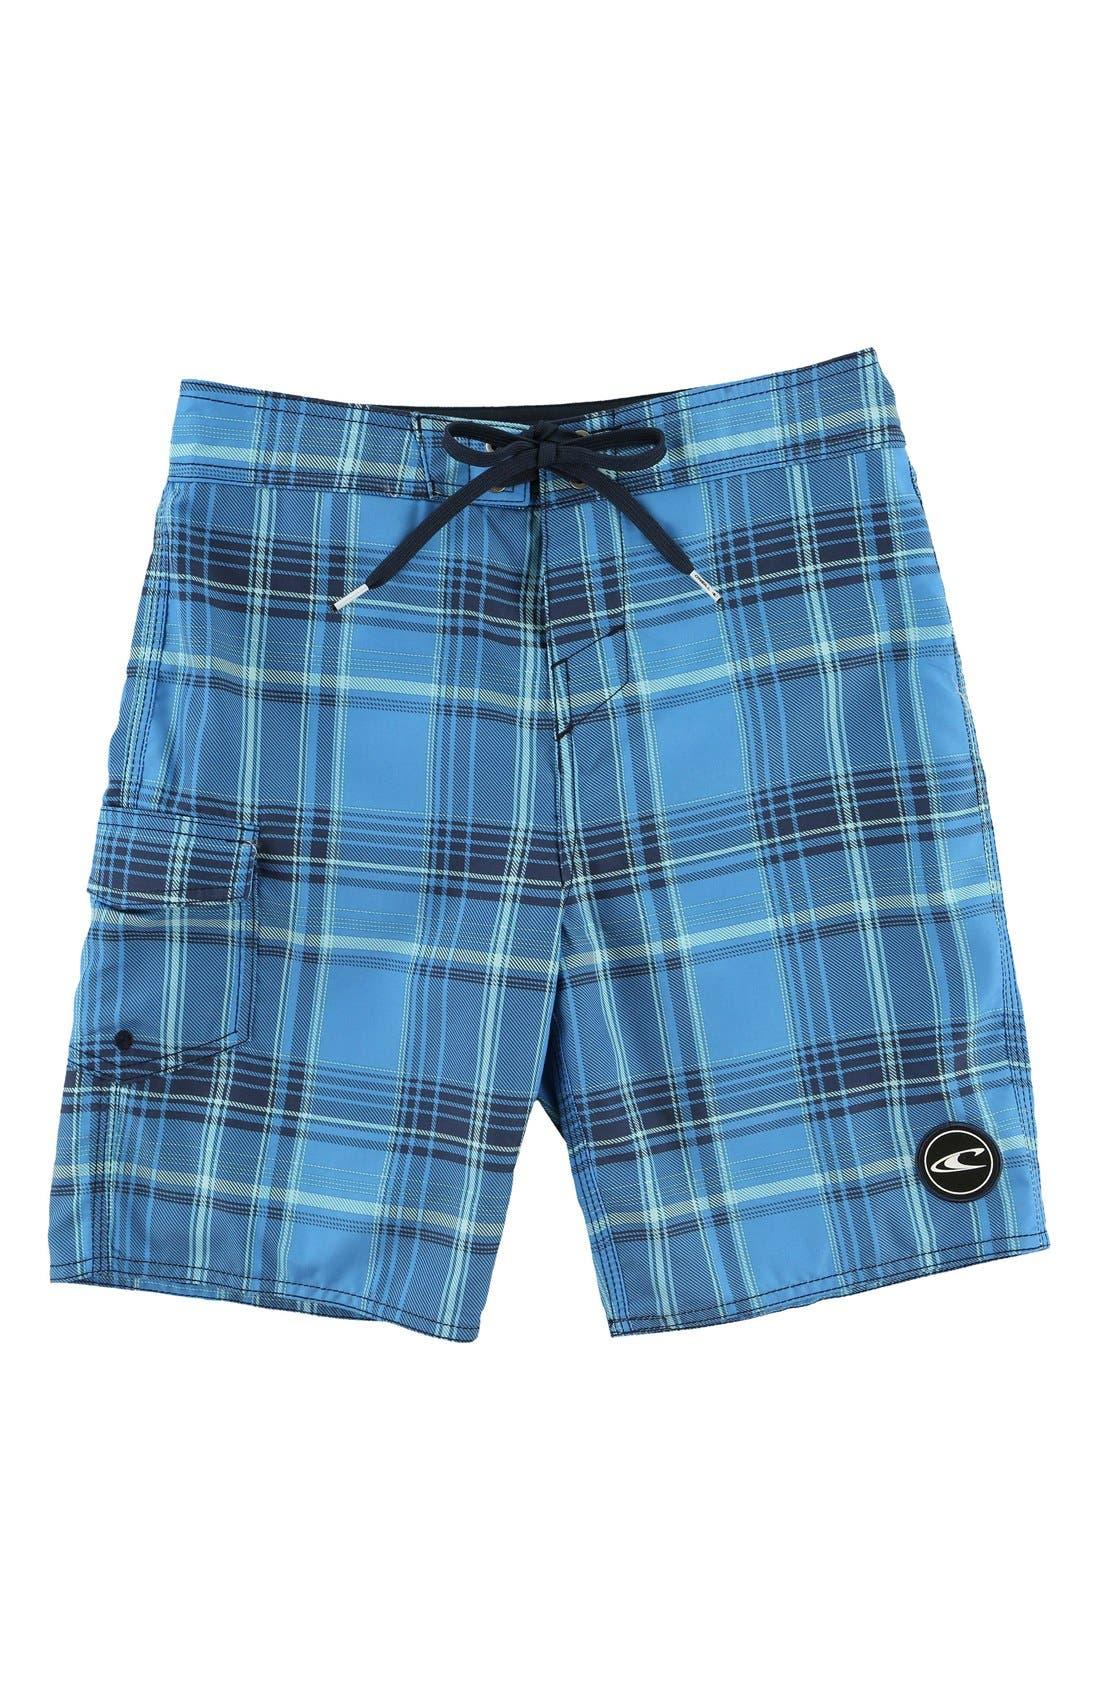 Santa Cruz Plaid Board Shorts,                         Main,                         color, Navy